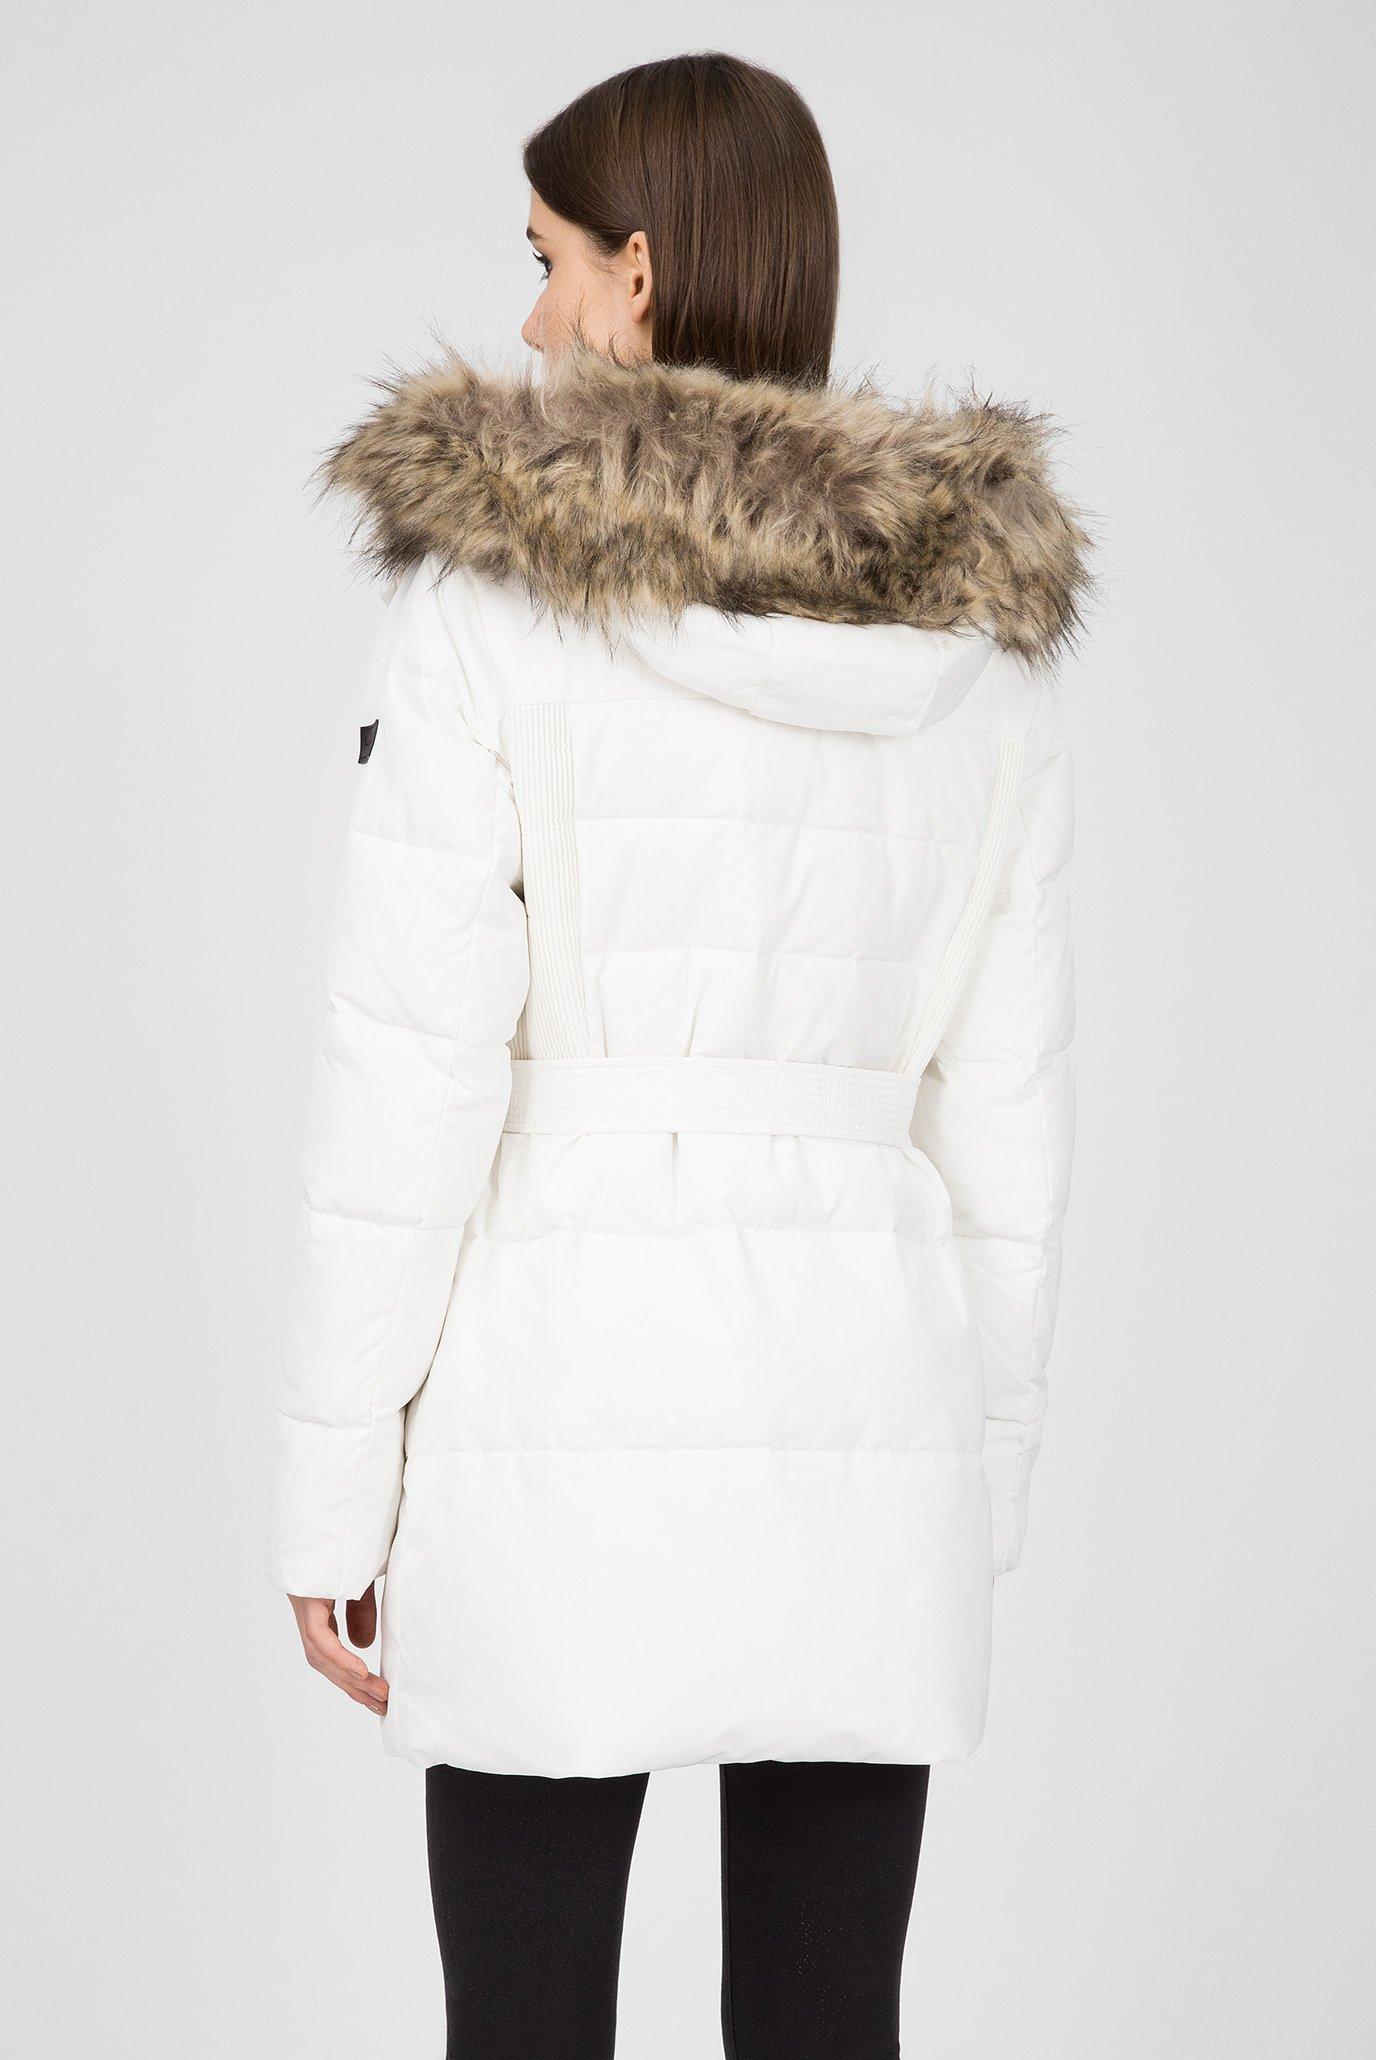 Купить Женский белый пуховик LIA Pepe Jeans Pepe Jeans PL401555 – Киев, Украина. Цены в интернет магазине MD Fashion